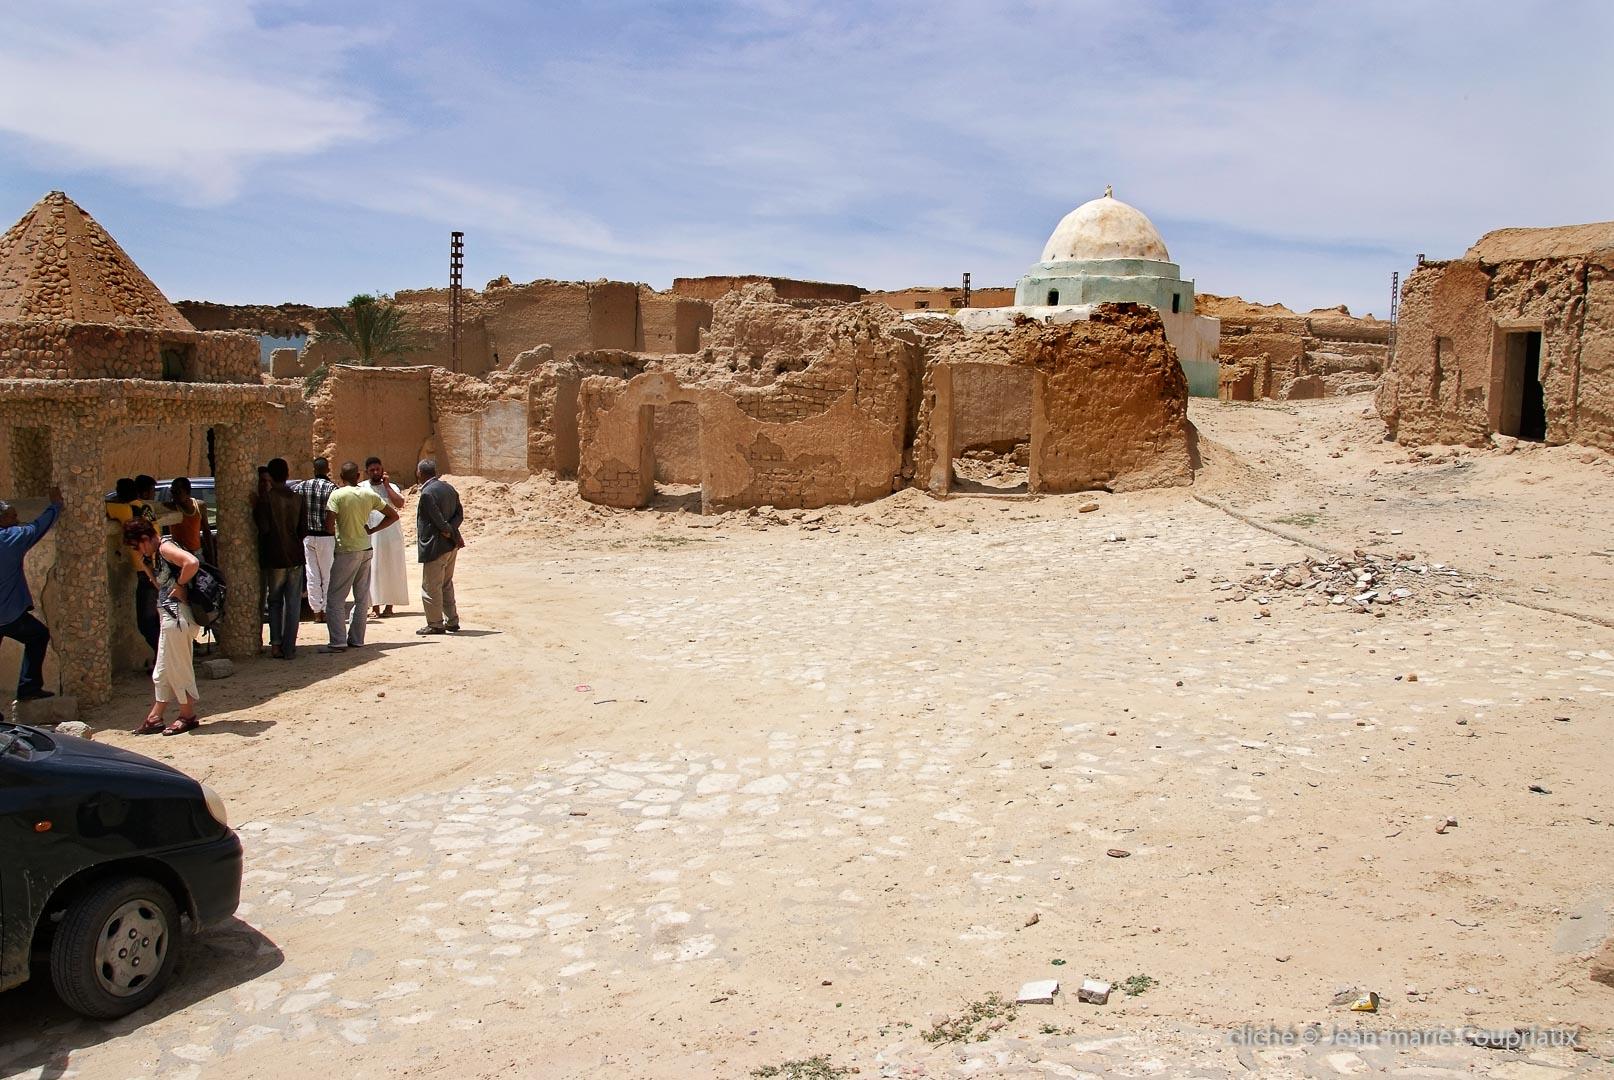 802-2011_Algerie-792